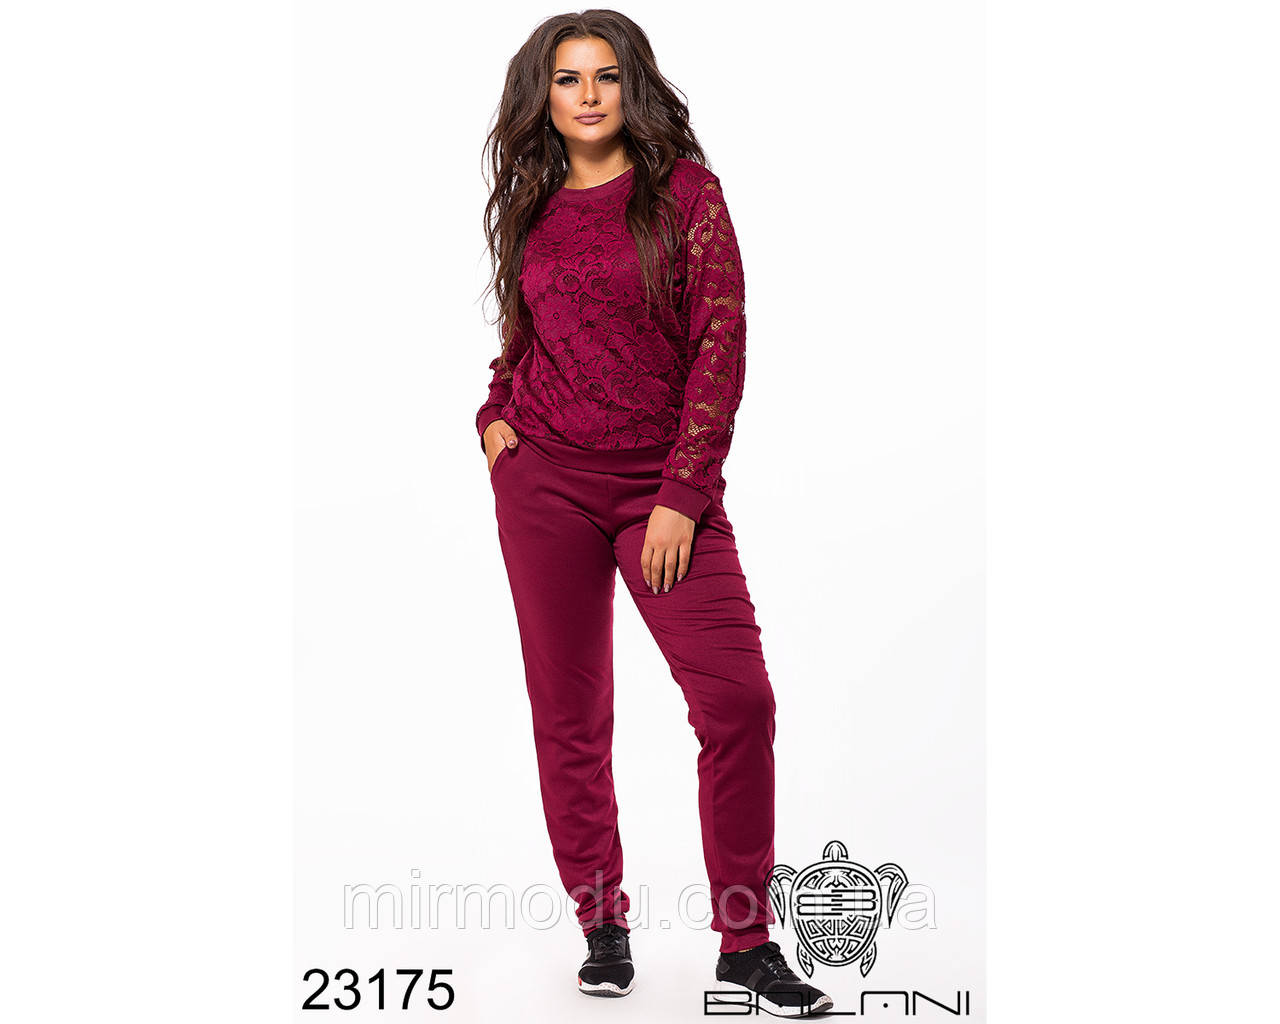 Спортивный костюм - 23175 с 48 по 54 размер(бн)